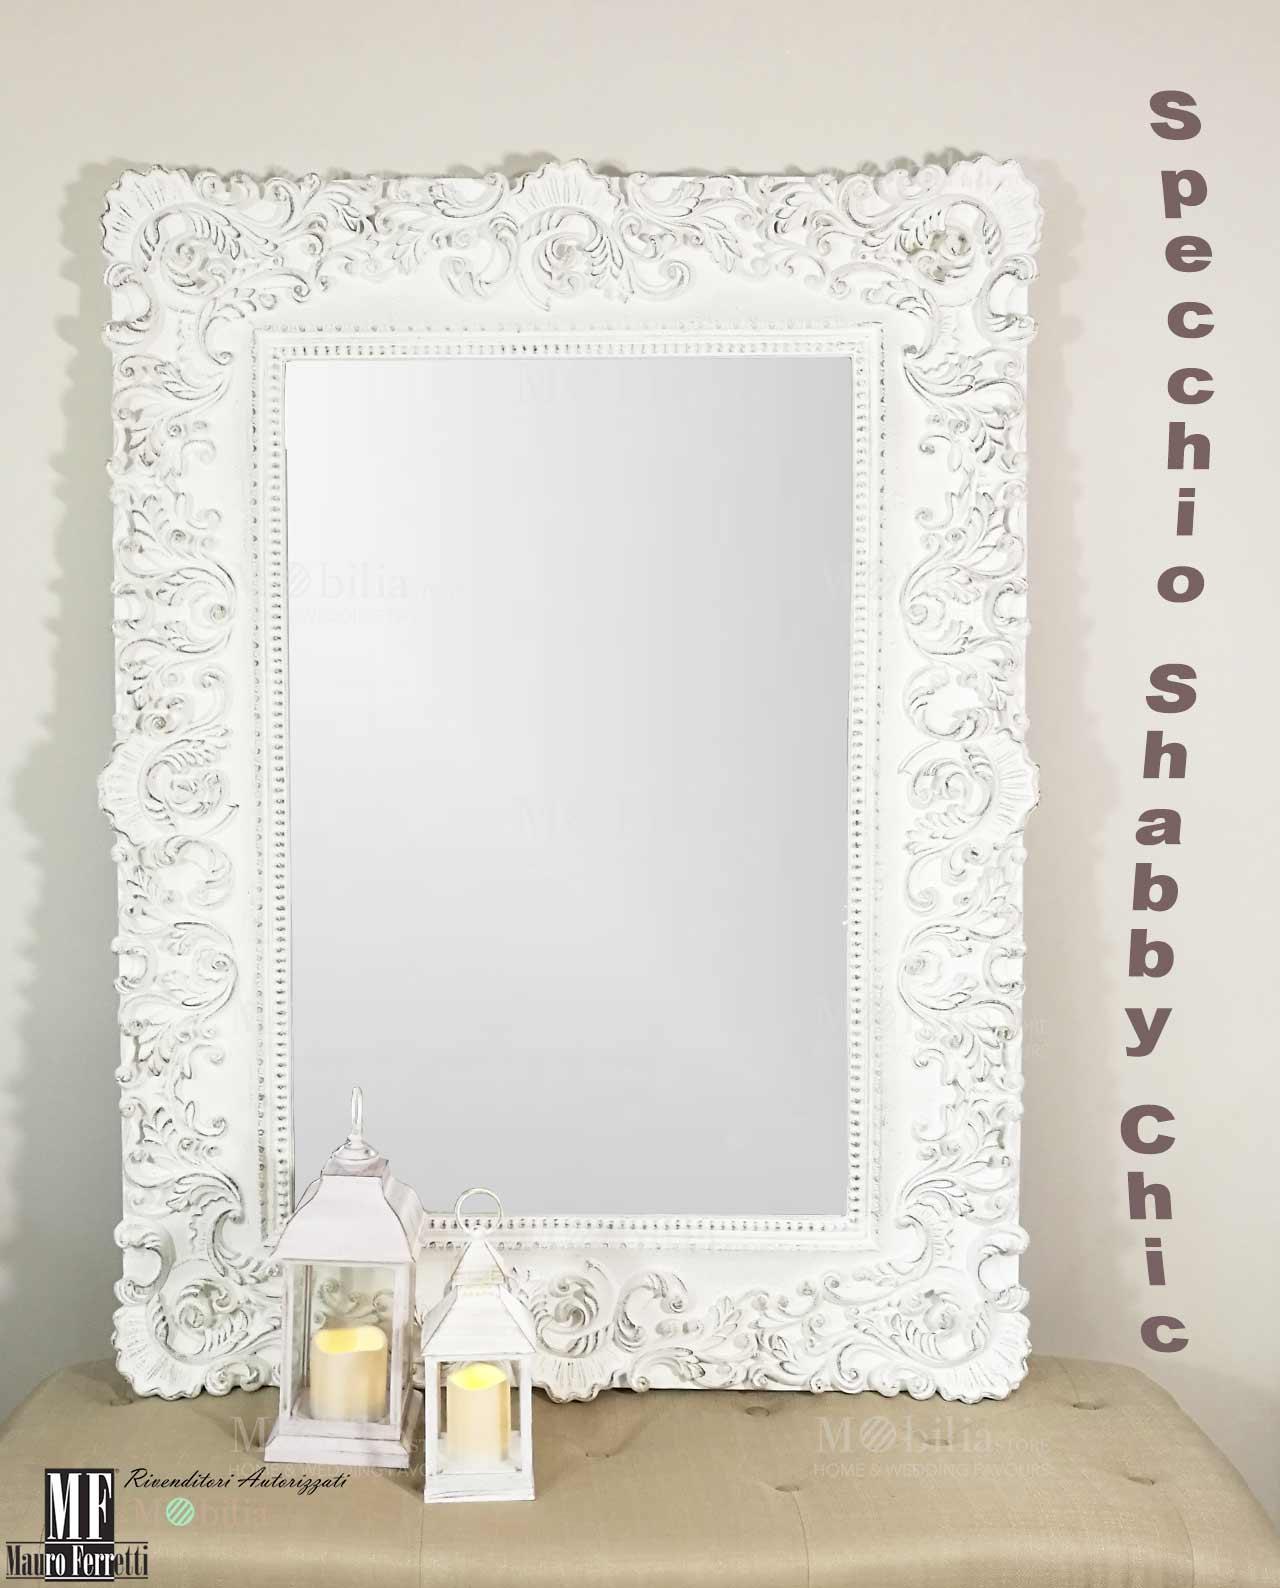 Specchio da parete shabby chic - Mobilia Store Home & Favours